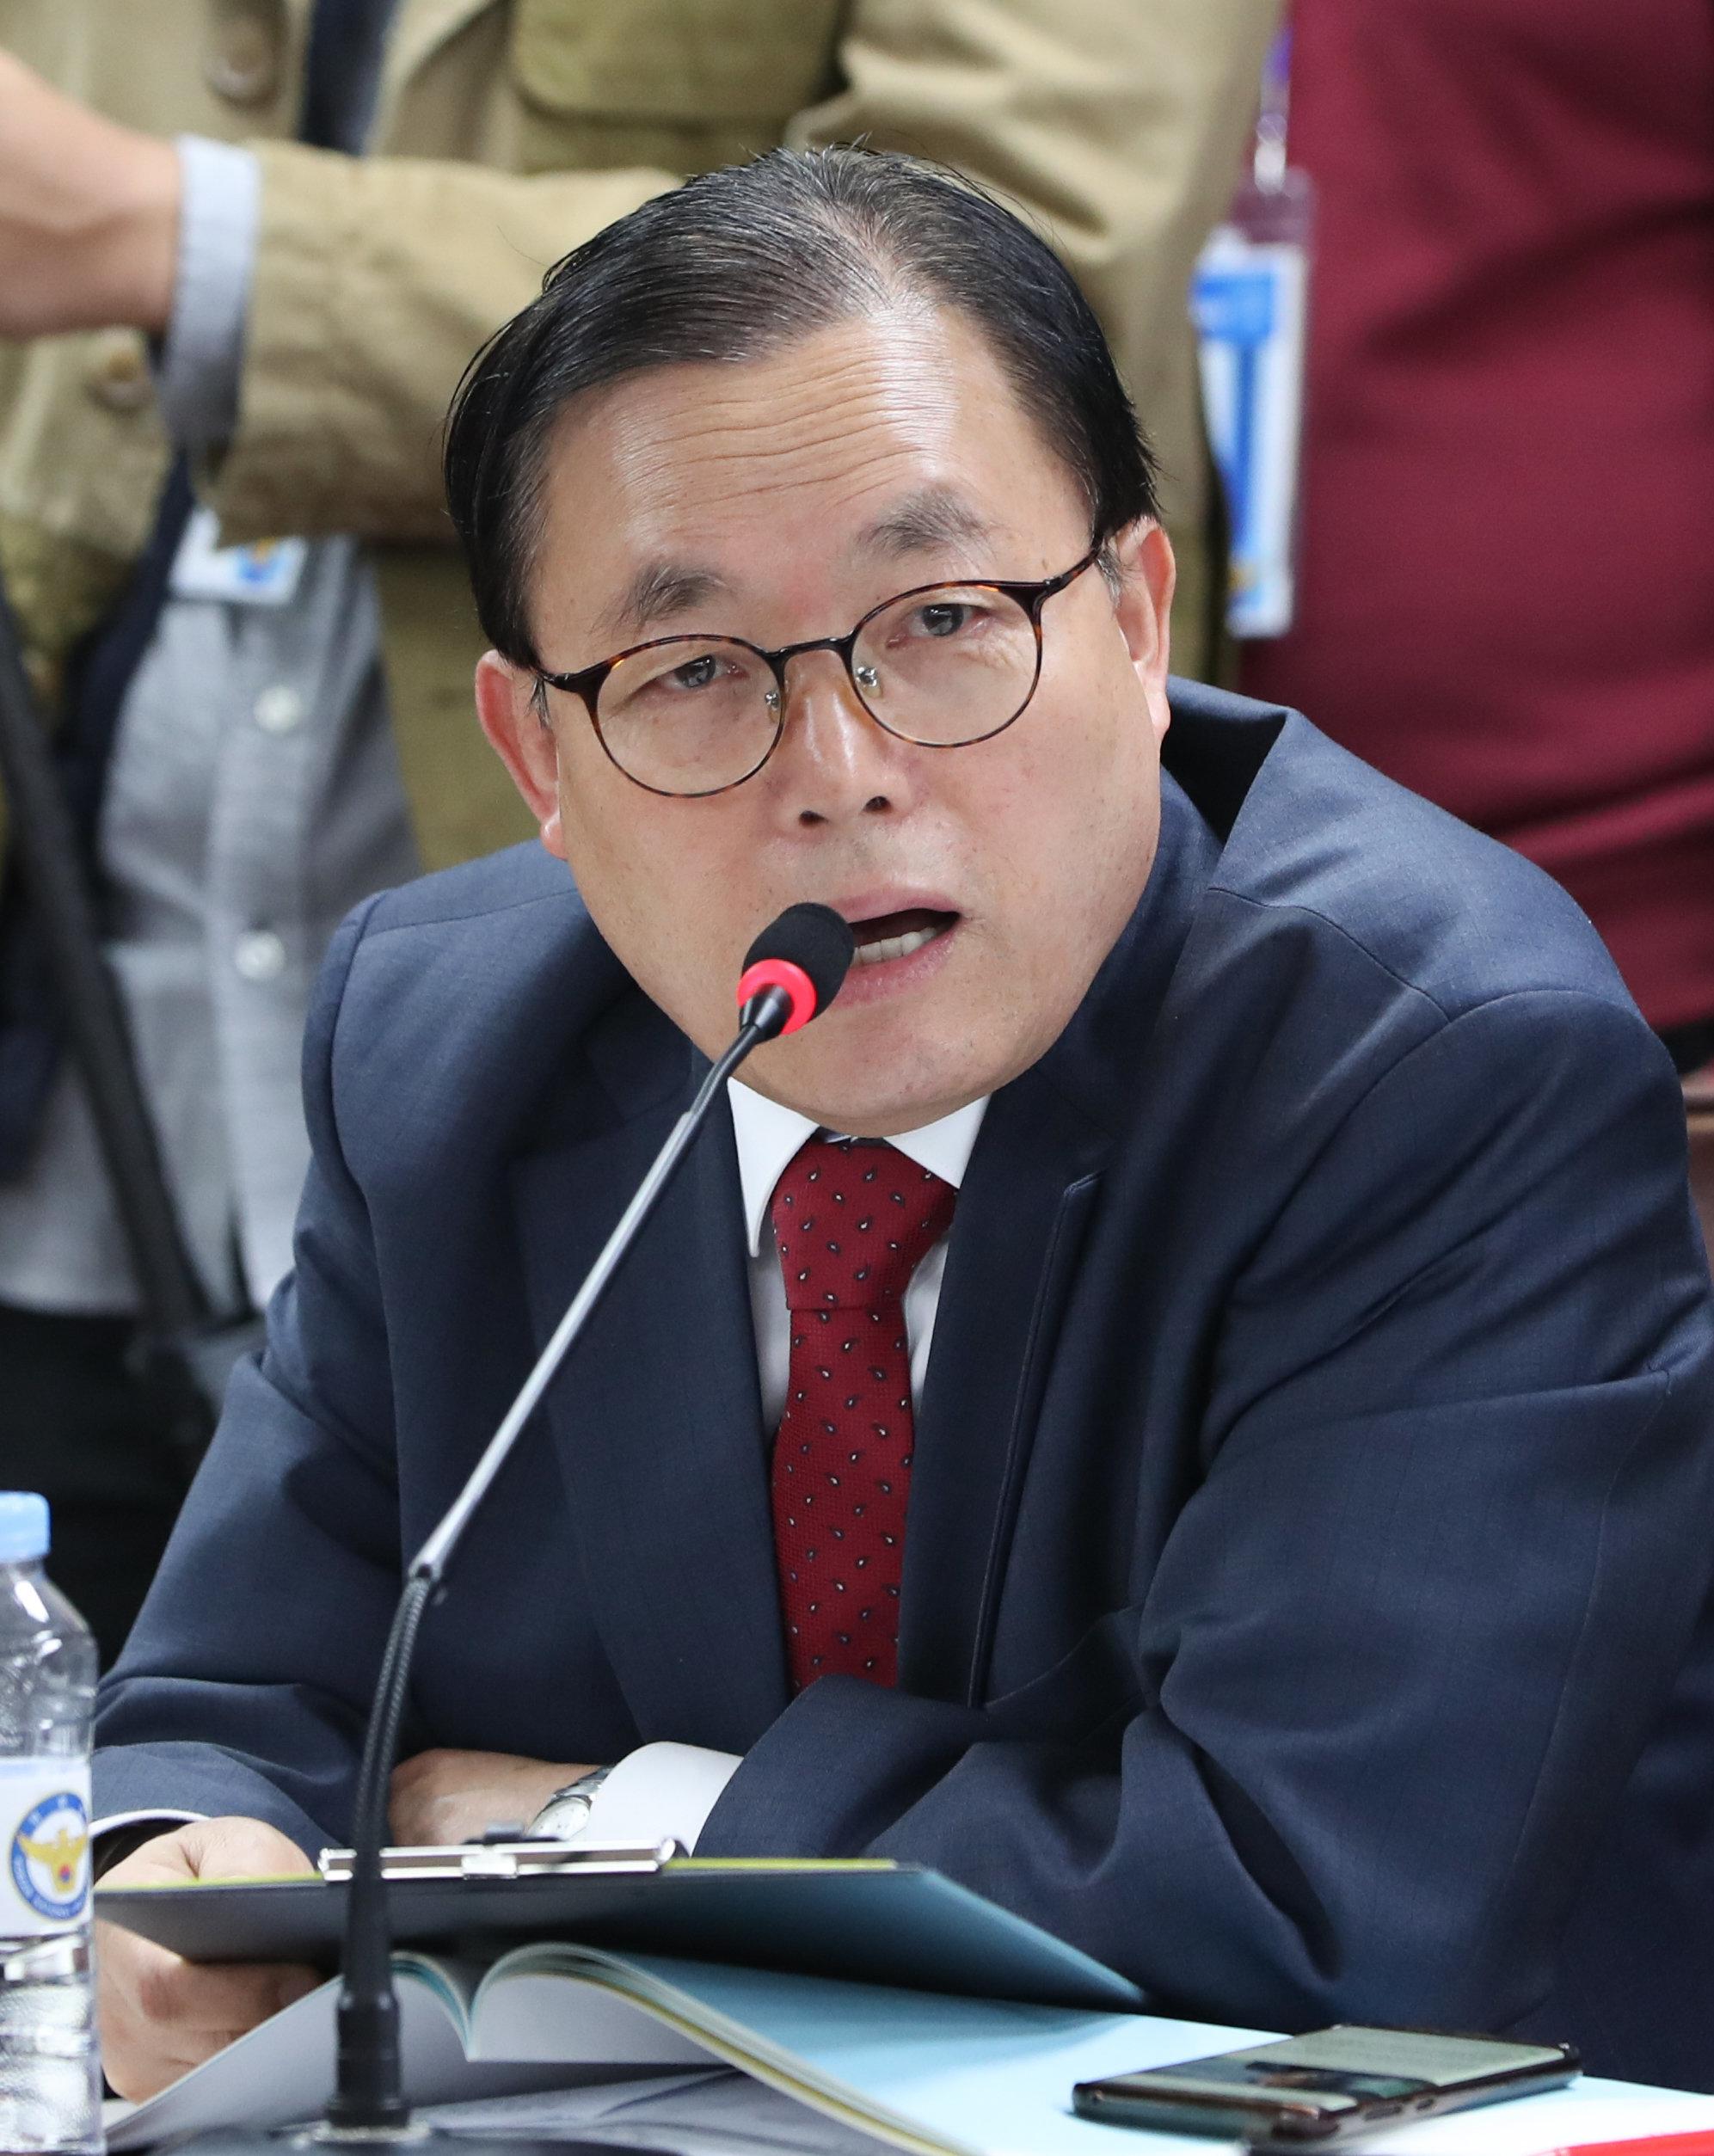 이채익 한국당 의원이 '소방관 국가직화' 법안소위에 갑자기 들어와 한